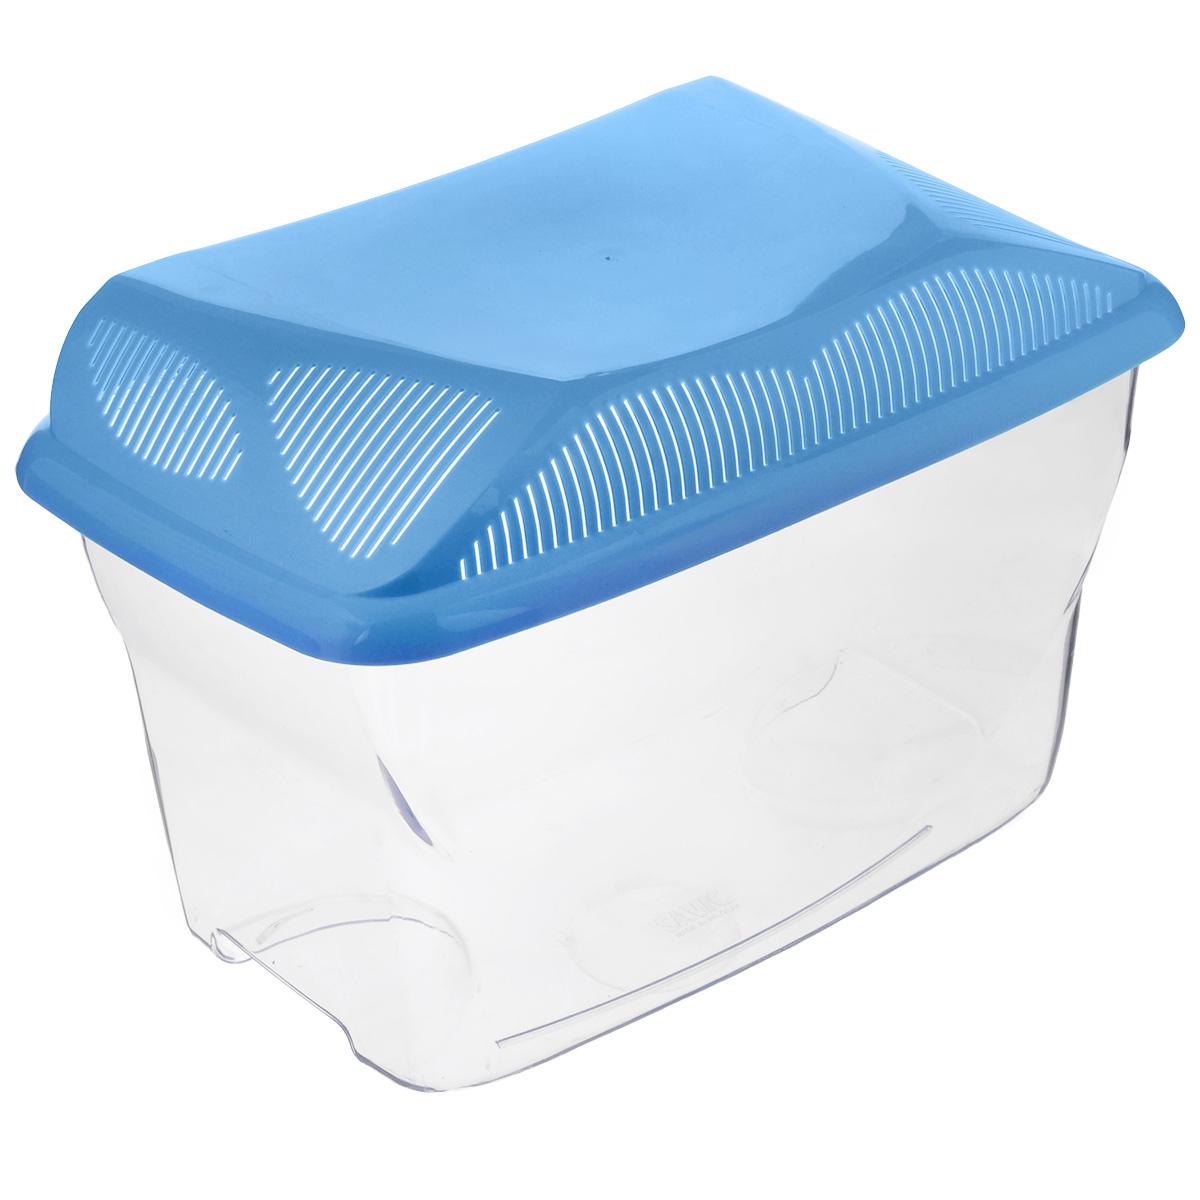 Аквариум-террариум Savic Aqua Smile, цвет: прозрачный, голубой, 14 л0119-0000Аквариум-террариум Savic Aqua Smile, выполненный из высококачественного пластика, идеально подойдет для разведения небольших рыб, водоплавающих черепах, пауков. Изделие оснащено откидной крышкой с отверстиями для прохождения воздуха. Такой аквариум-террариум подходит к дизайну практически любого интерьера. Более того, его можно устанавливать практически в любой части комнаты или офиса, и в последствии без проблем перемещать в другие места. Размер (без учета крышки): 39 см х 24 см х 22,5 см. Высота (с учетом крышки): 28 см. Объем: 14 л.